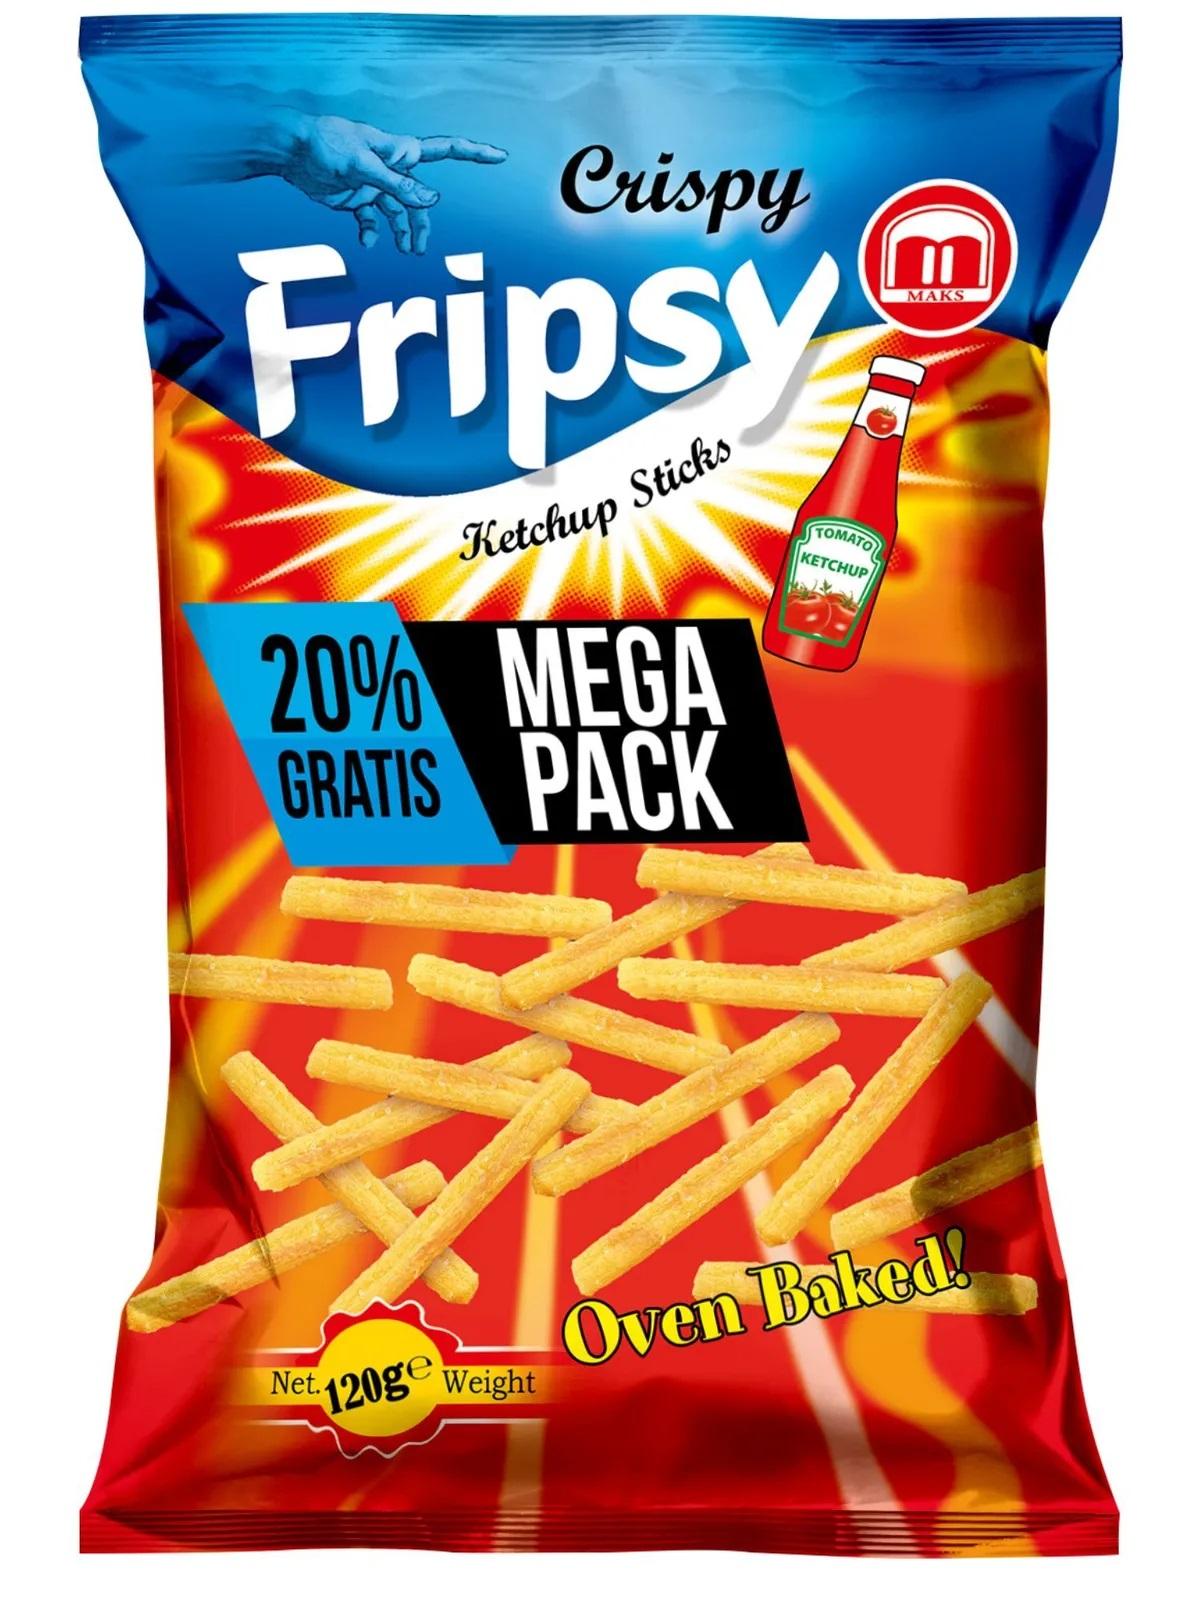 Crispy Fripsy Ketchup 120g